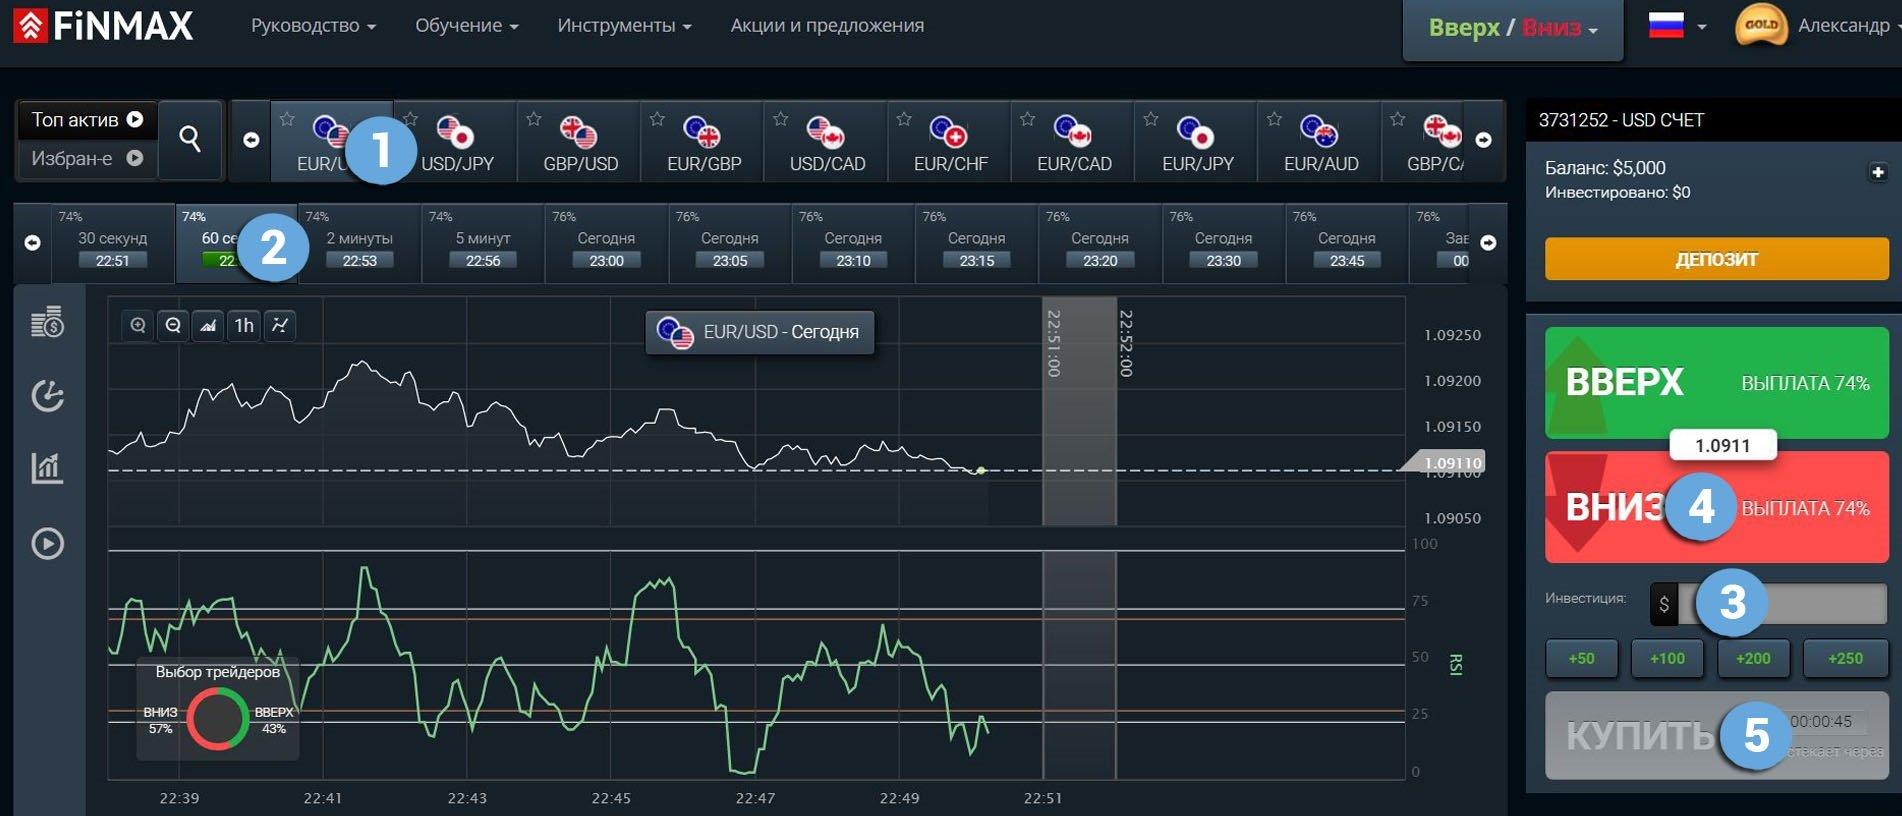 Торговля бинарными опционами у проверенного брокера Finmax